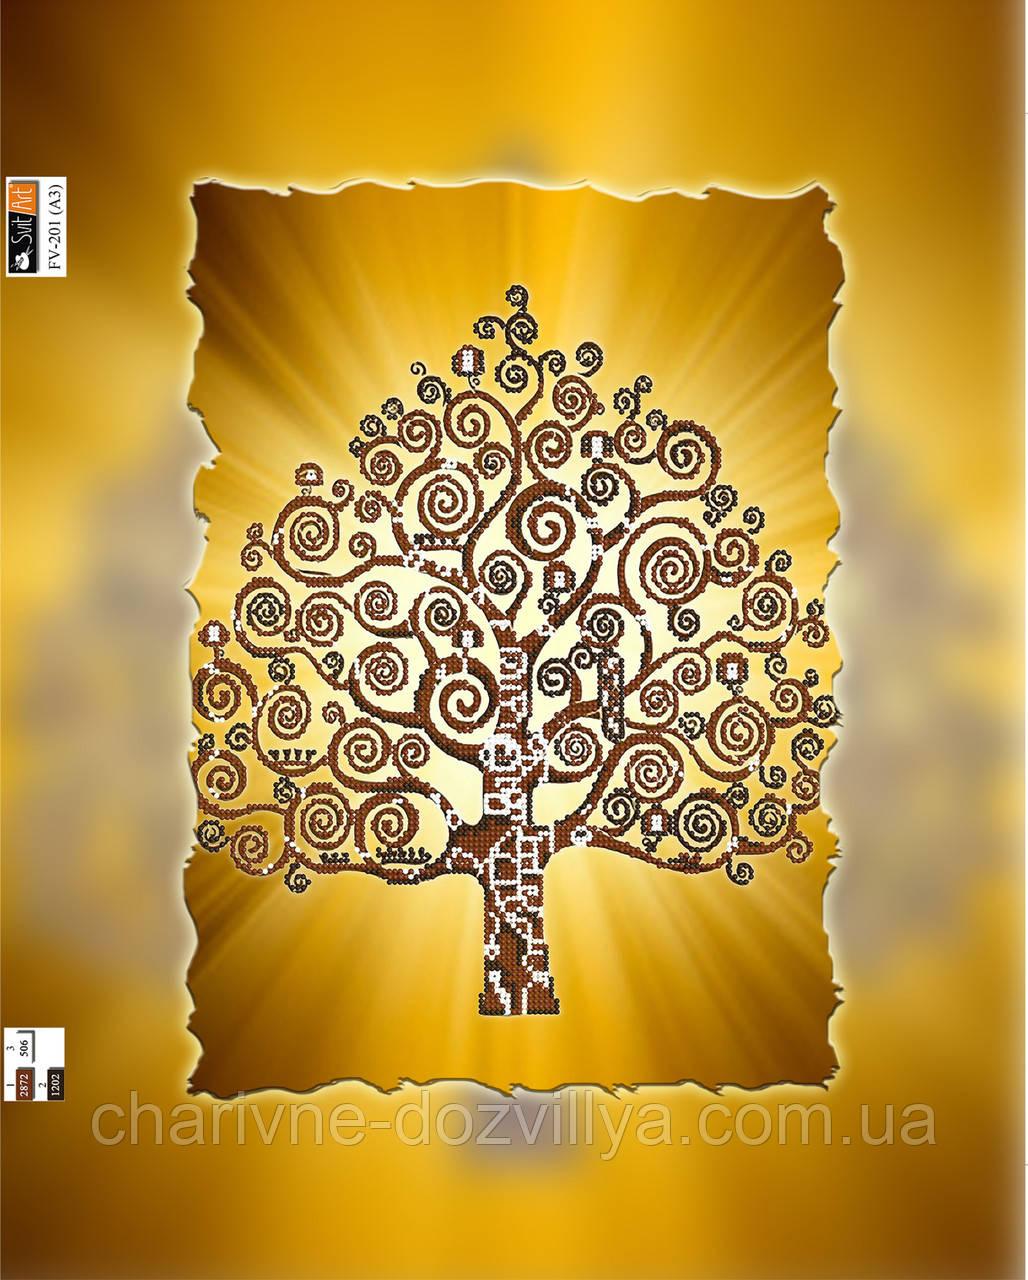 """Схема для вышивки бисером на подрамнике (холст) """"Дерево счастья"""" (золото)"""